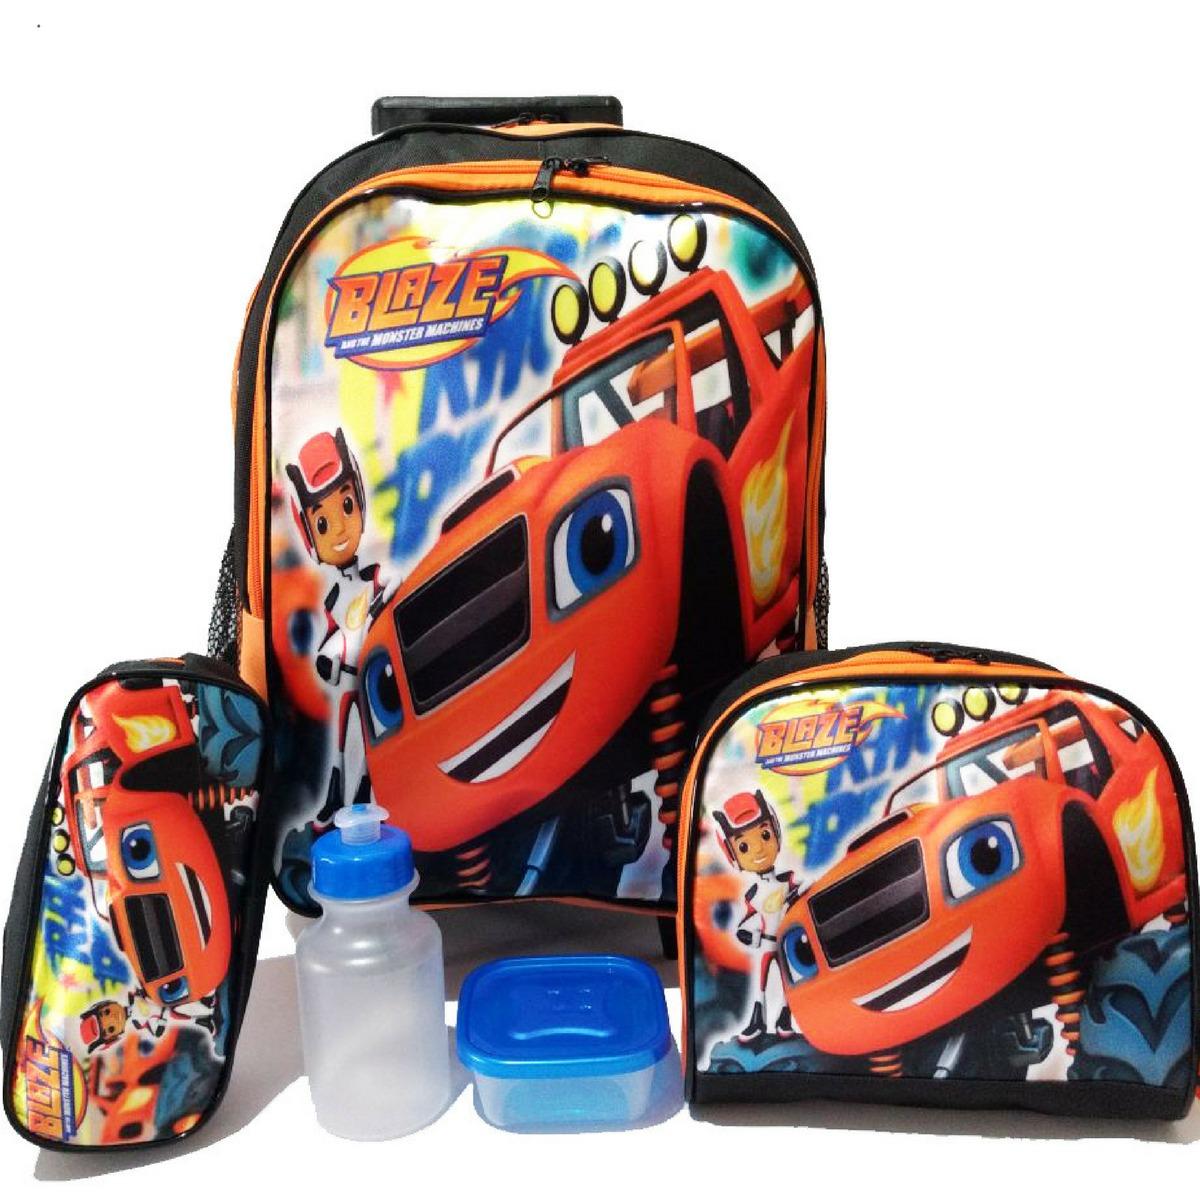 c99f03f23 Kit Mochila Blazer Monster Tam G Rodinha Frete Grátis - R$ 159,90 em ...